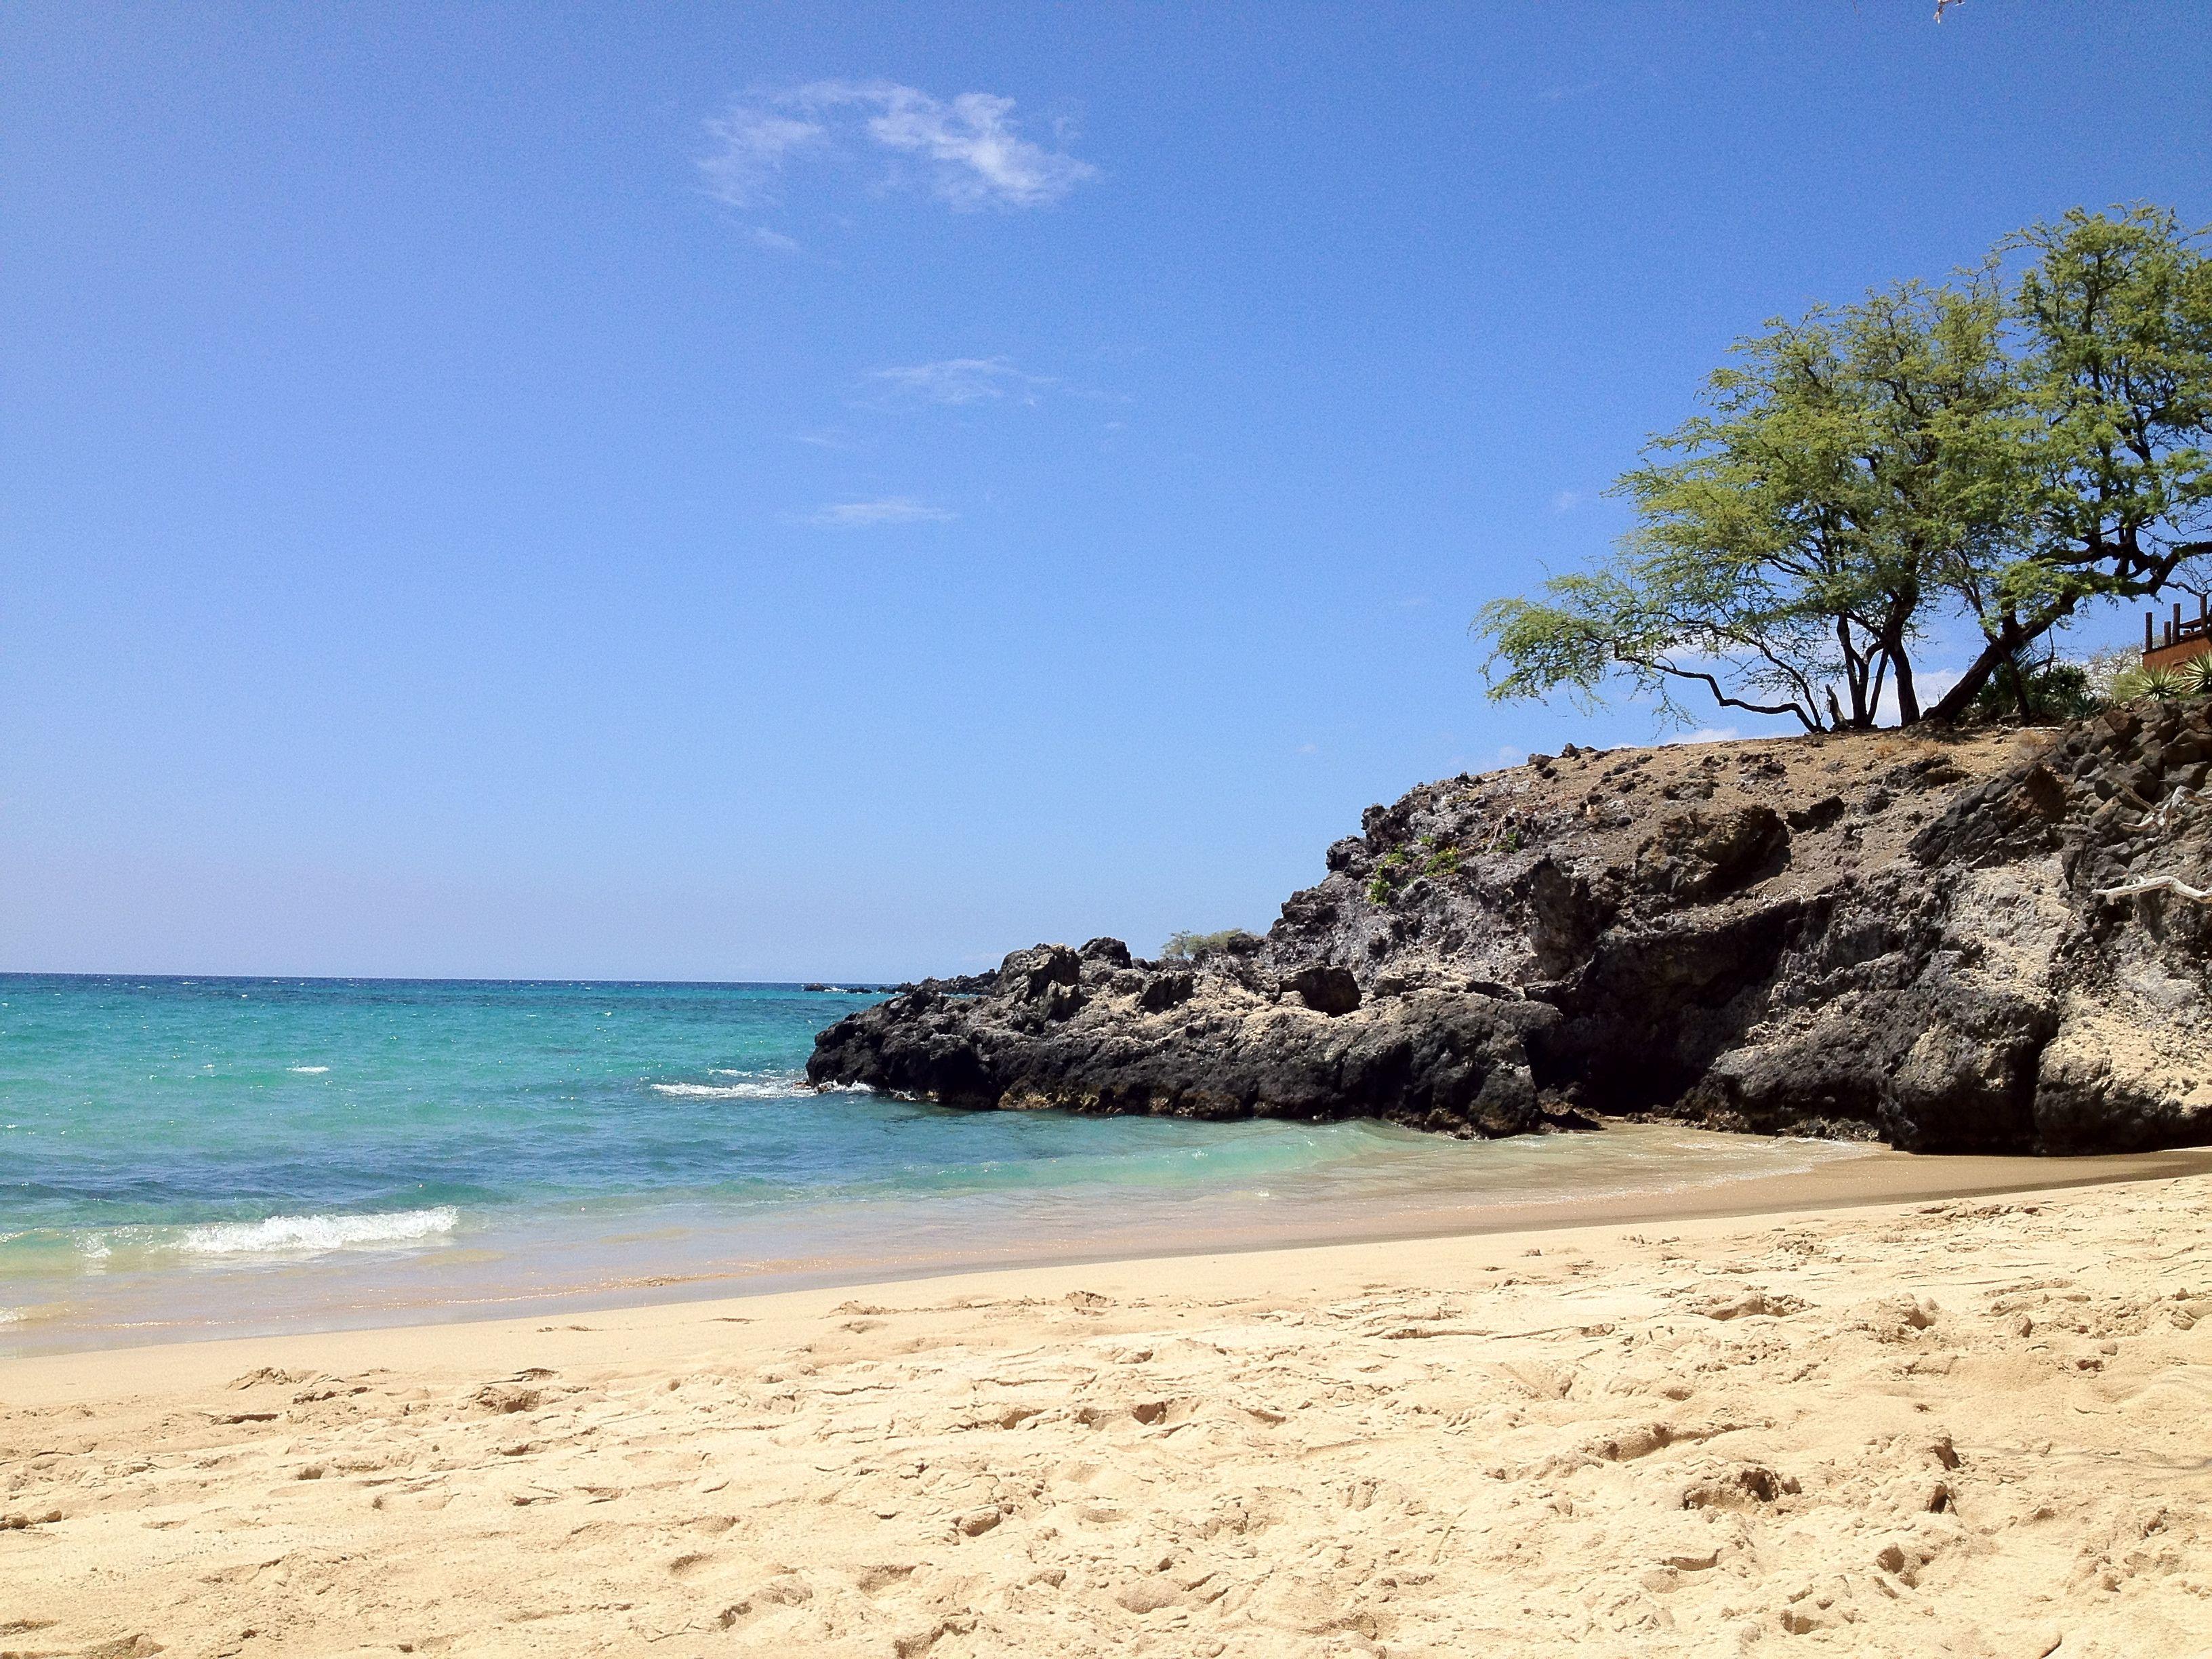 Beach 69, Big Island Hawaii